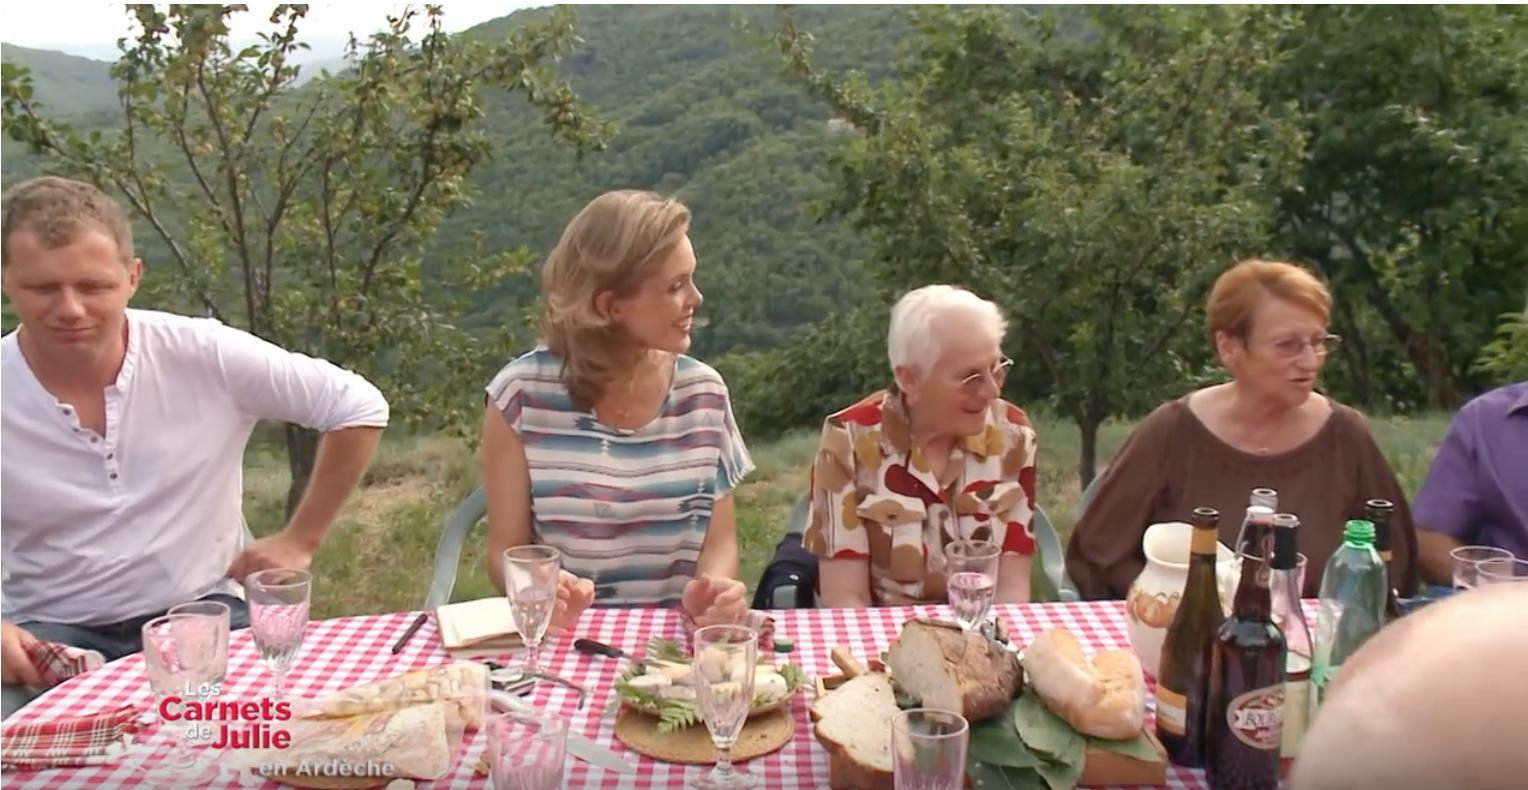 les carnets de Julie émissions culinaires françaises.png